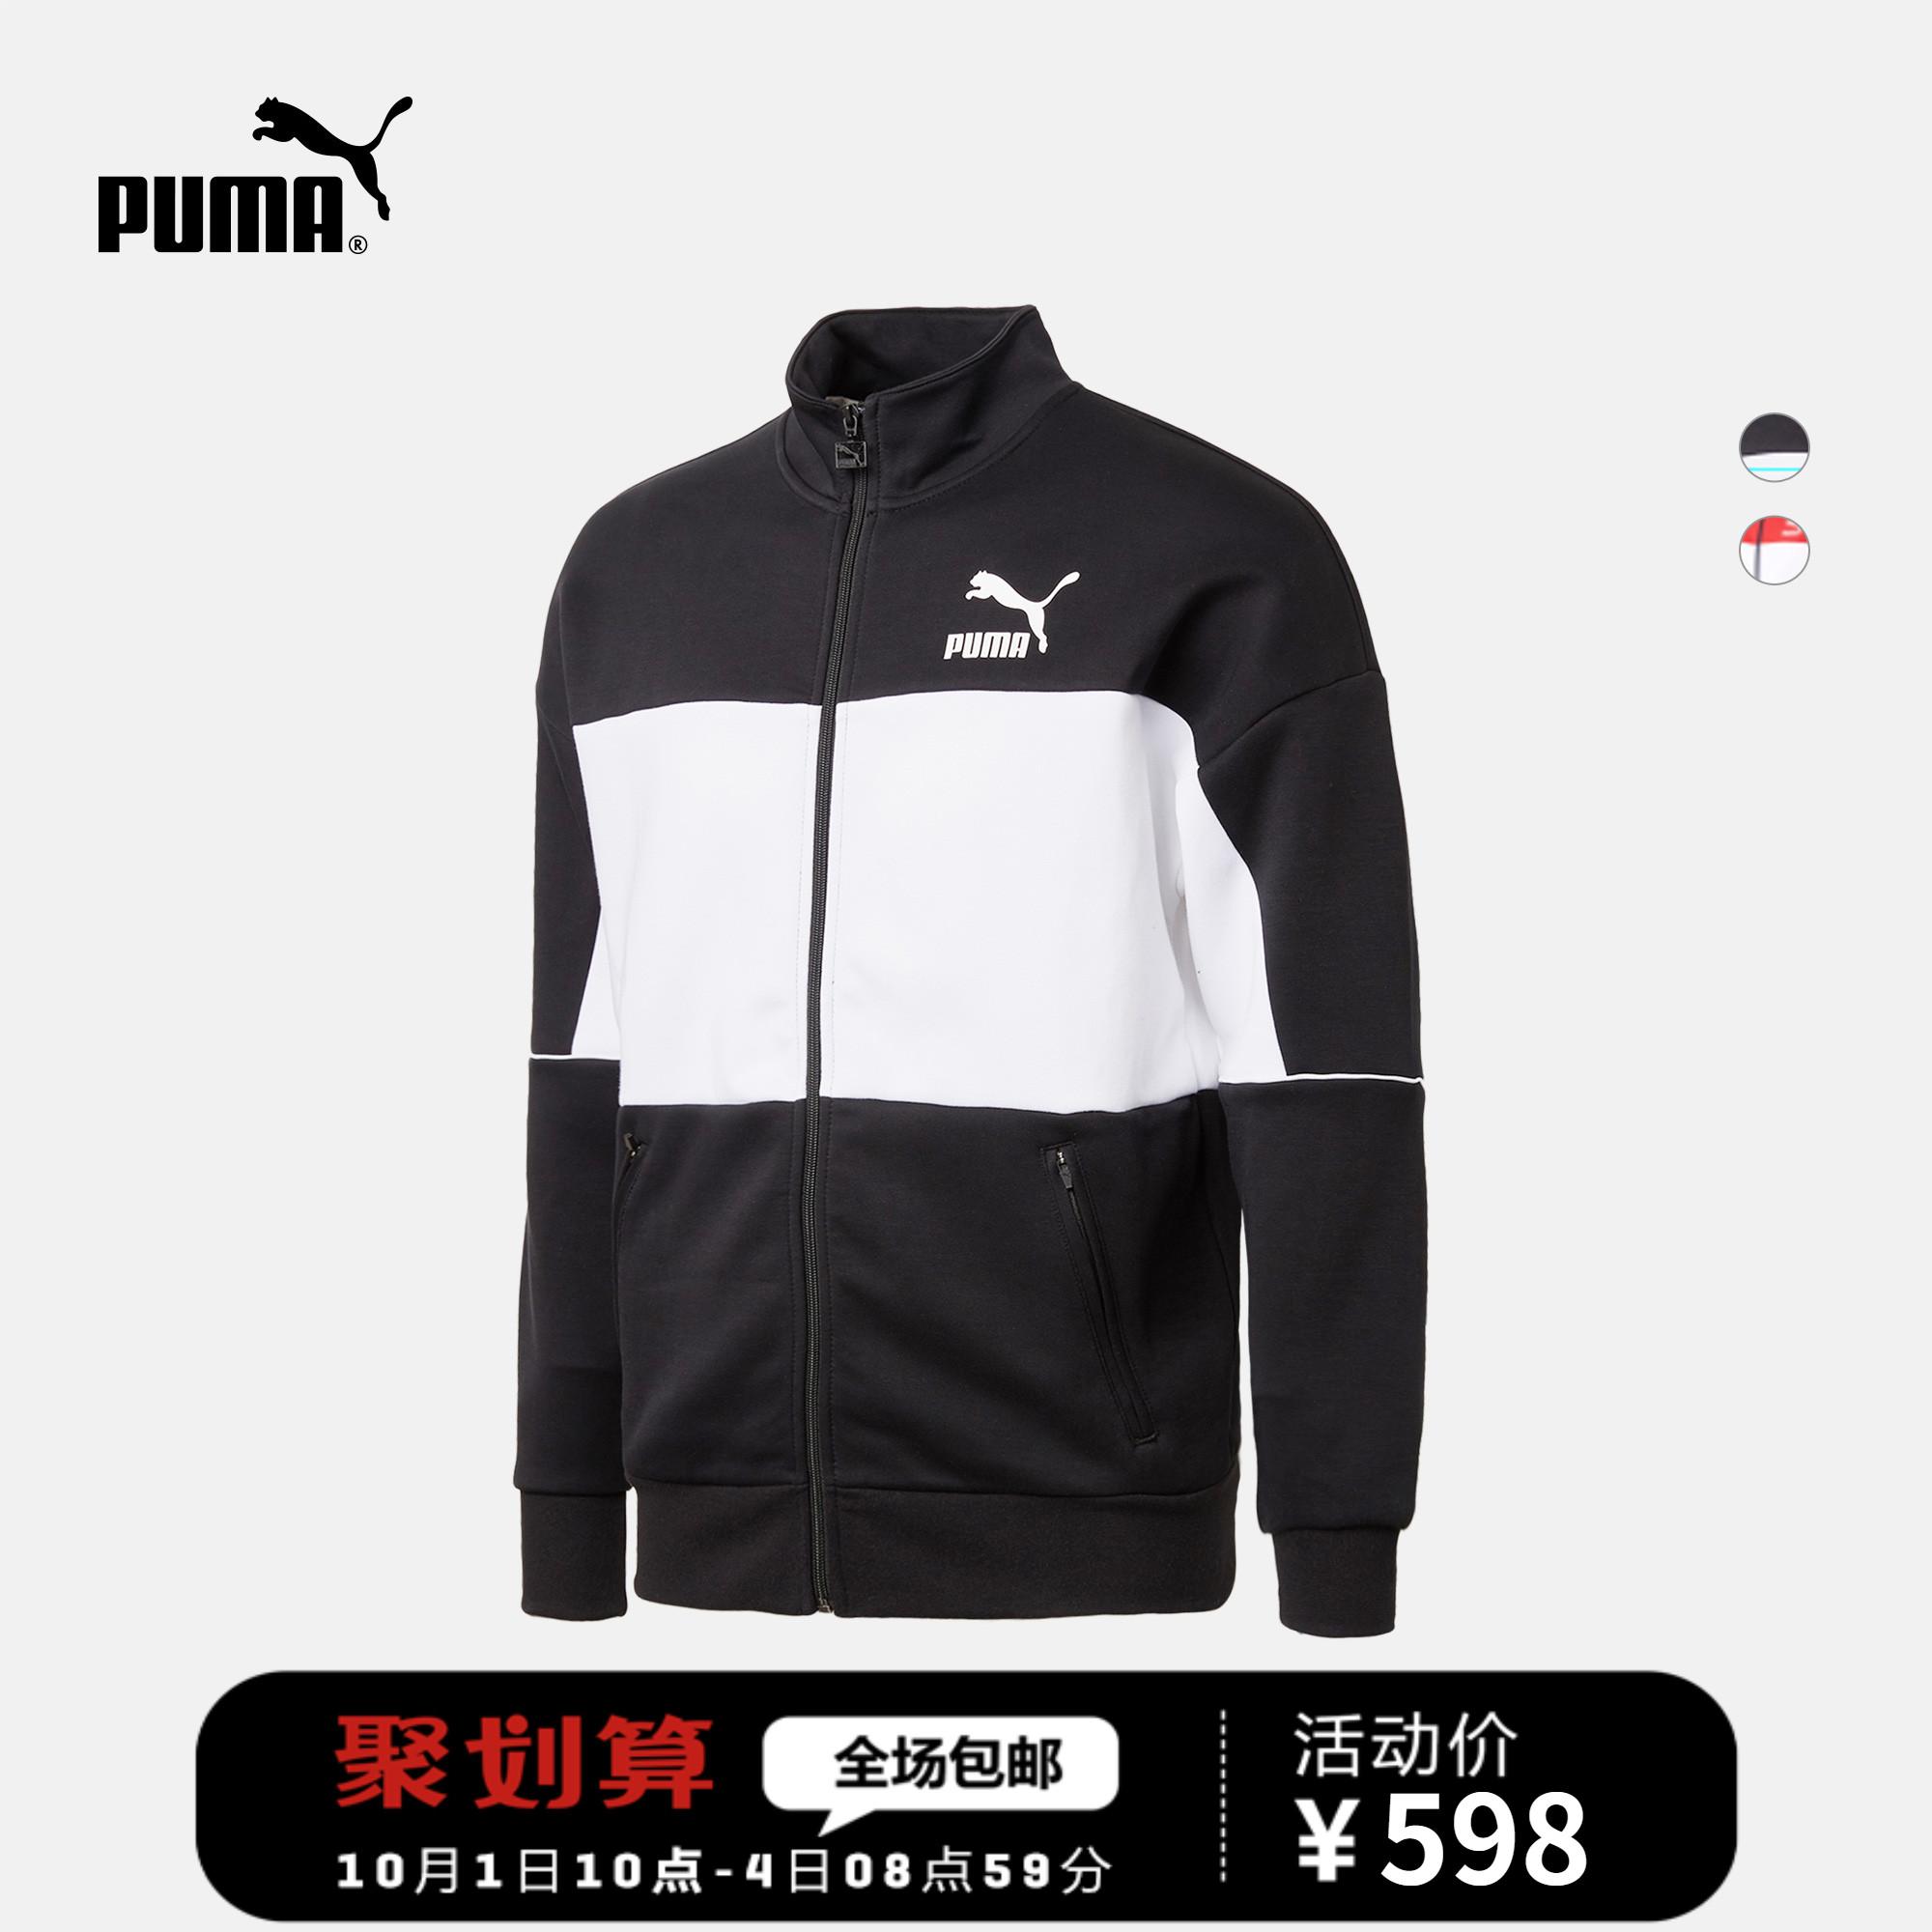 PUMA彪马官方 男子拼色立领外套 Retro 577529